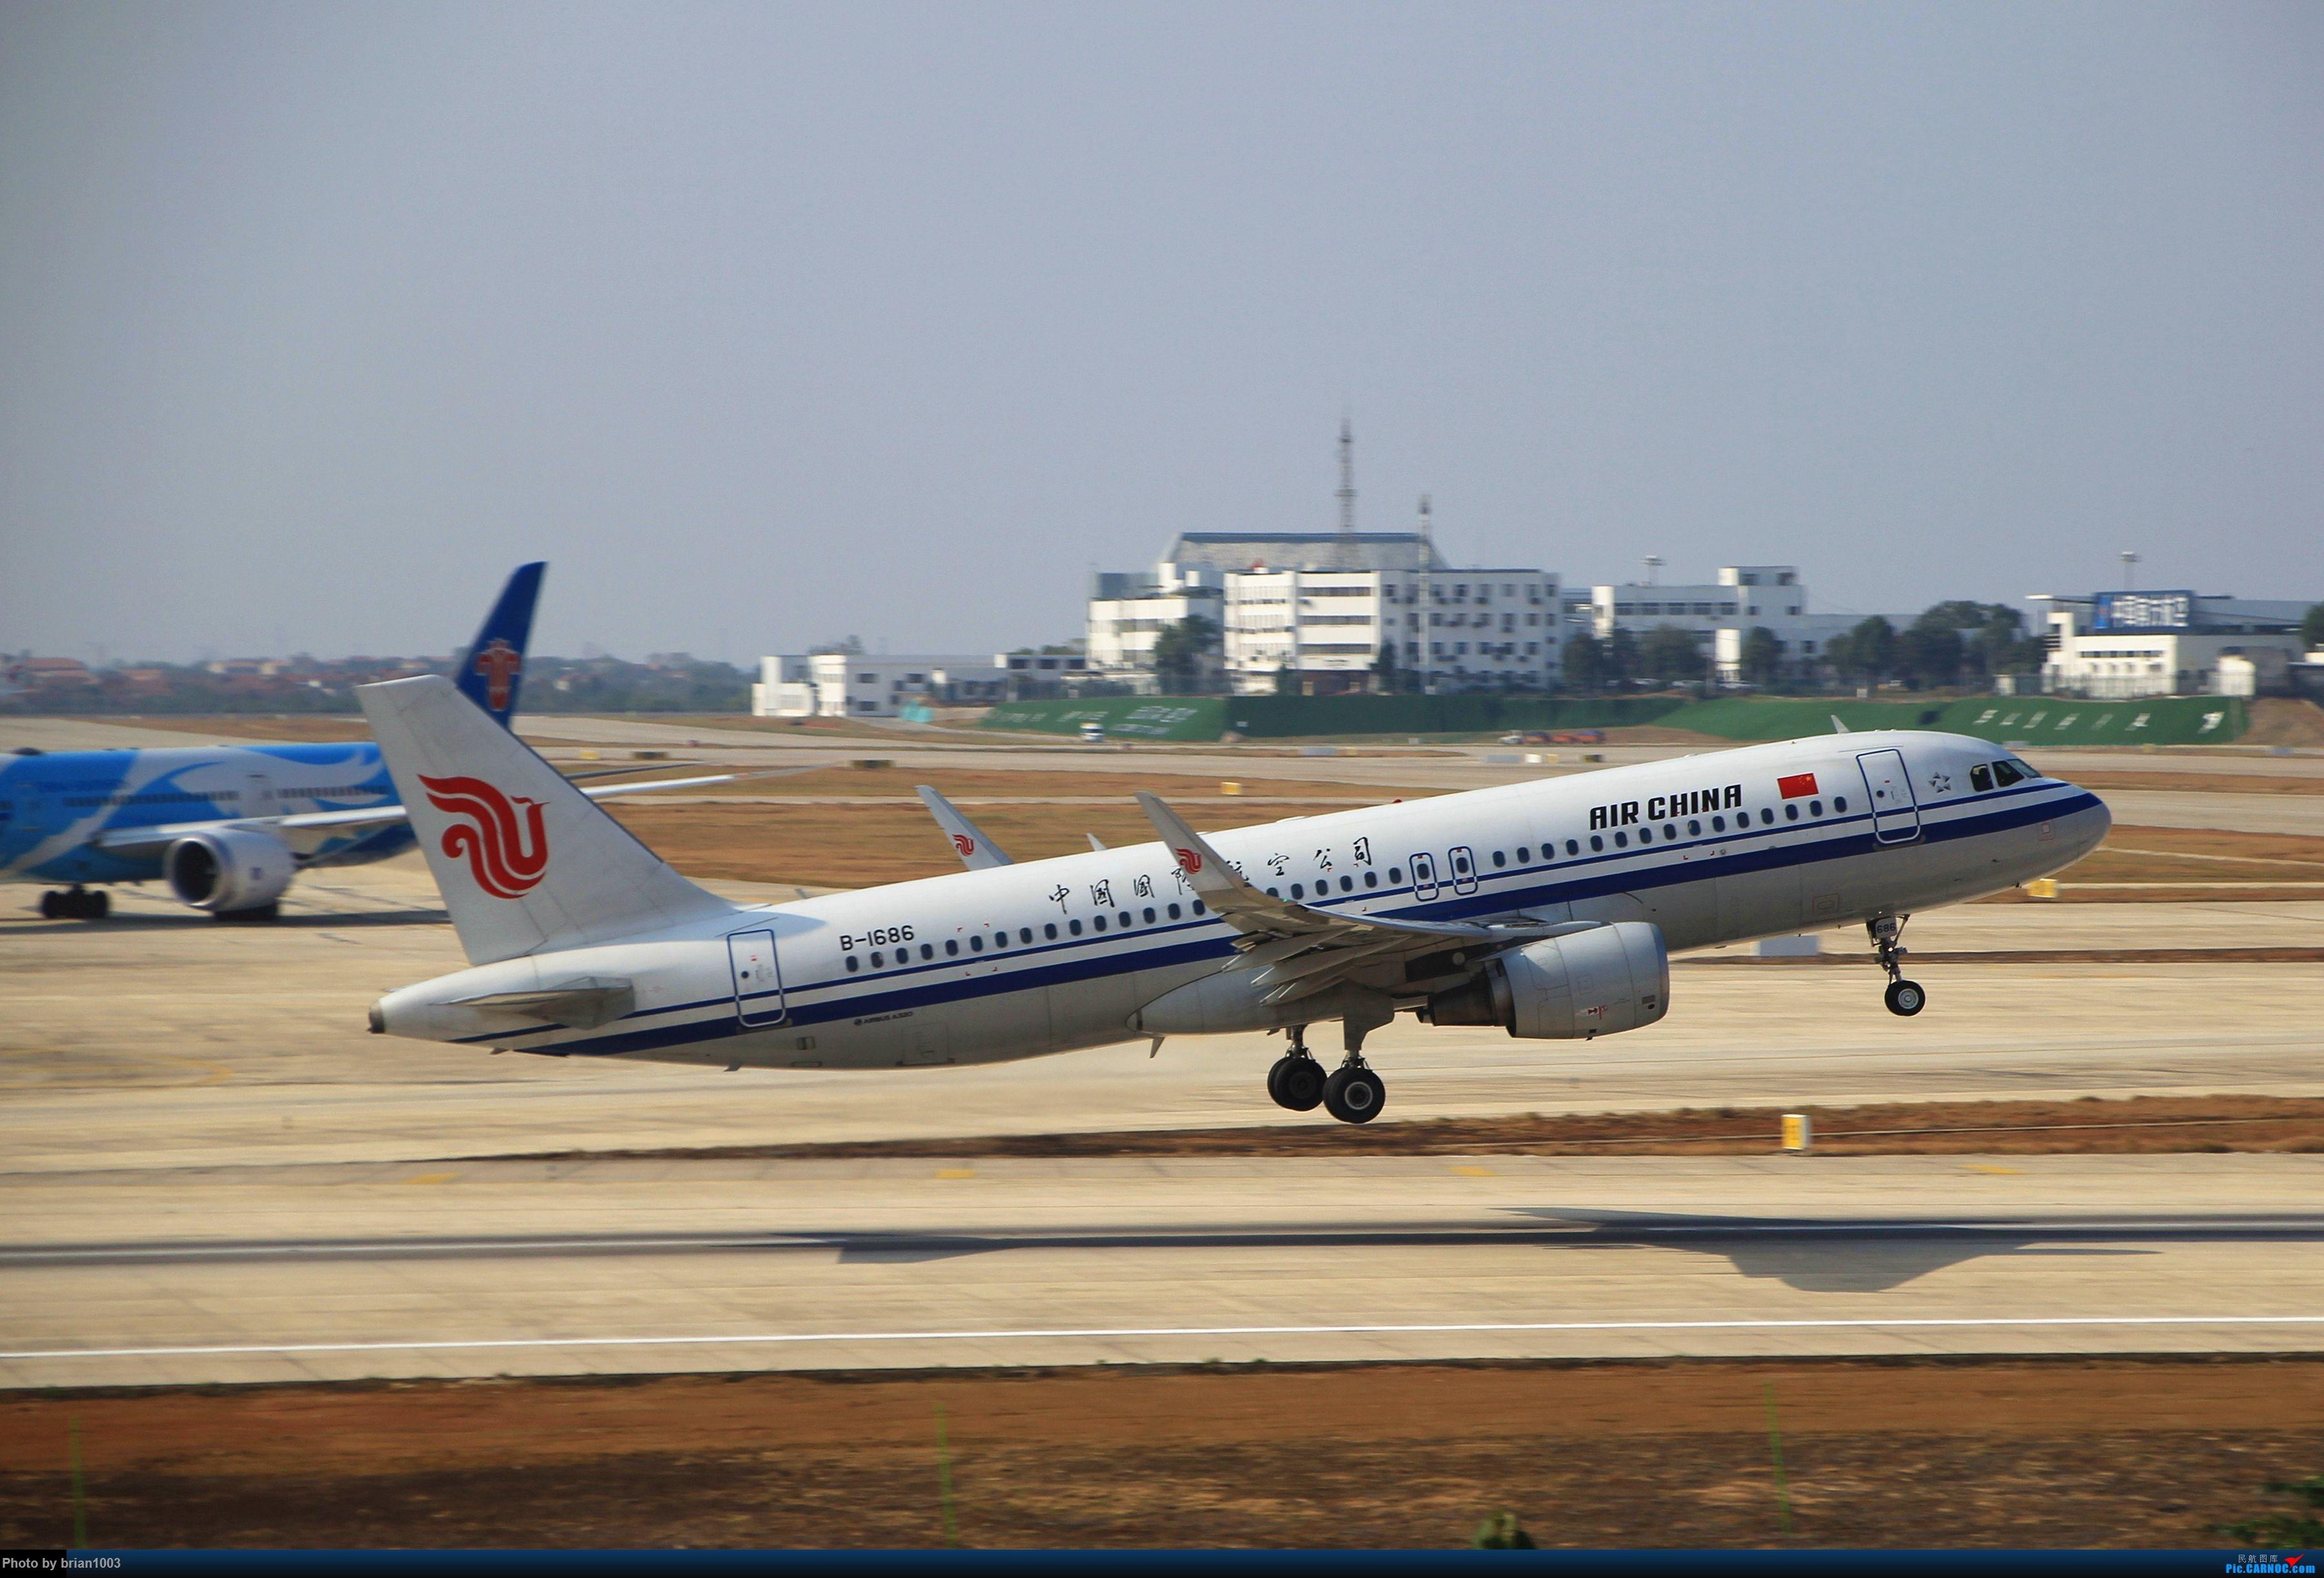 Re:[原创]WUH武汉天河机场拍机之精彩满满的十月(还可能更新) AIRBUS A320-200 B-1686 中国武汉天河国际机场